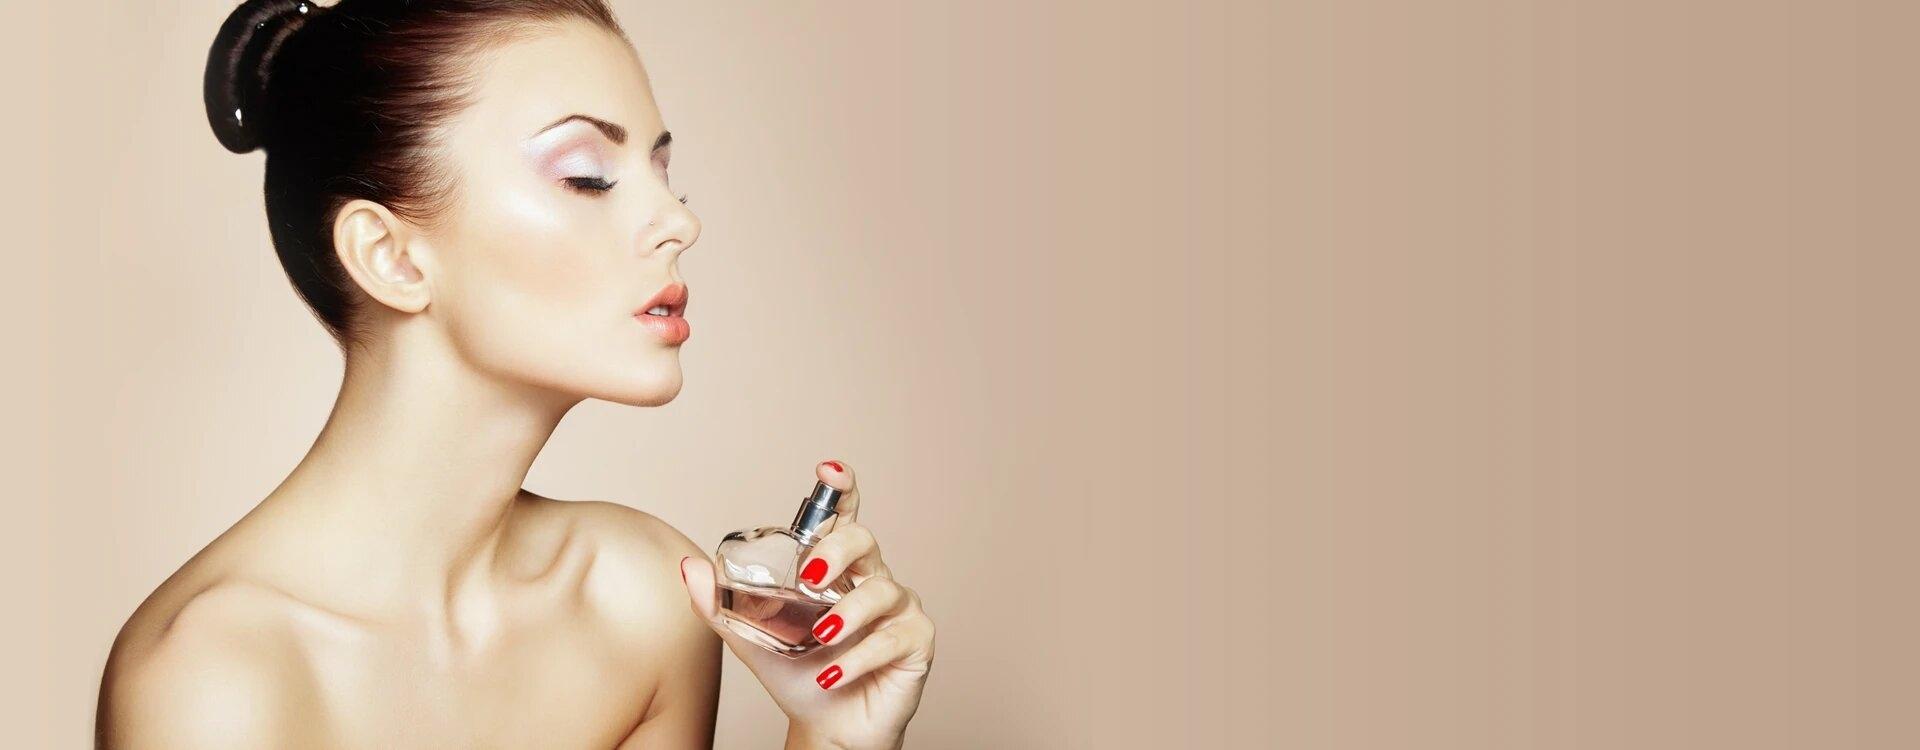 parfumscanada (@parfumscanada) Cover Image